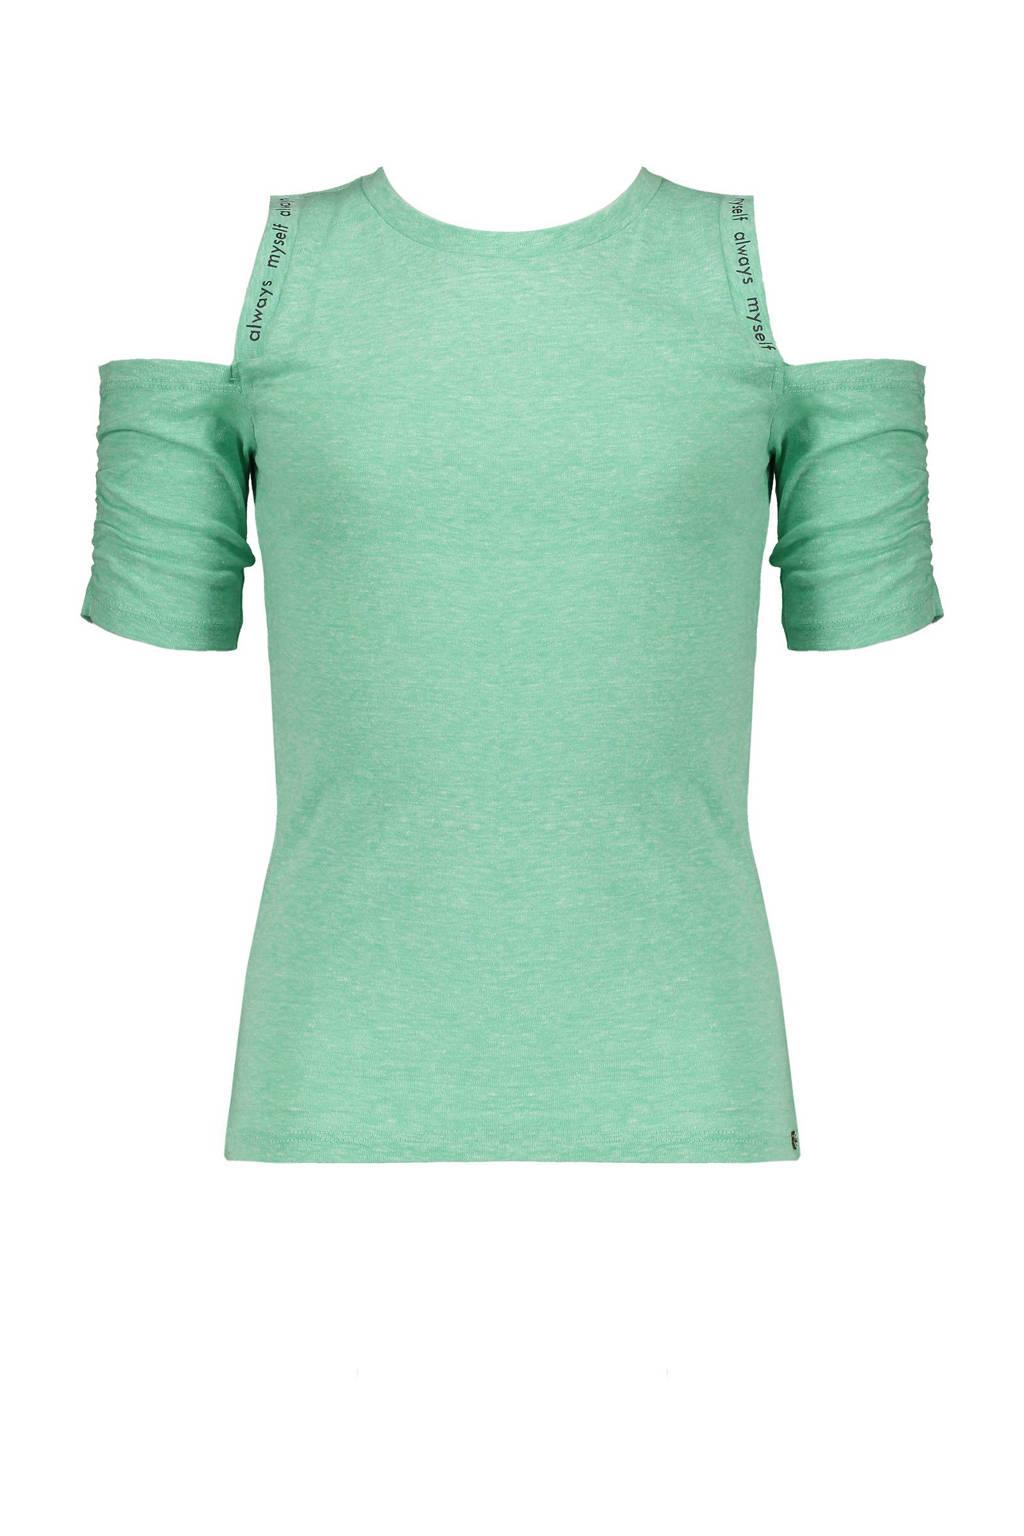 NoBell' gemêleerd T-shirt Keddy groen, Groen